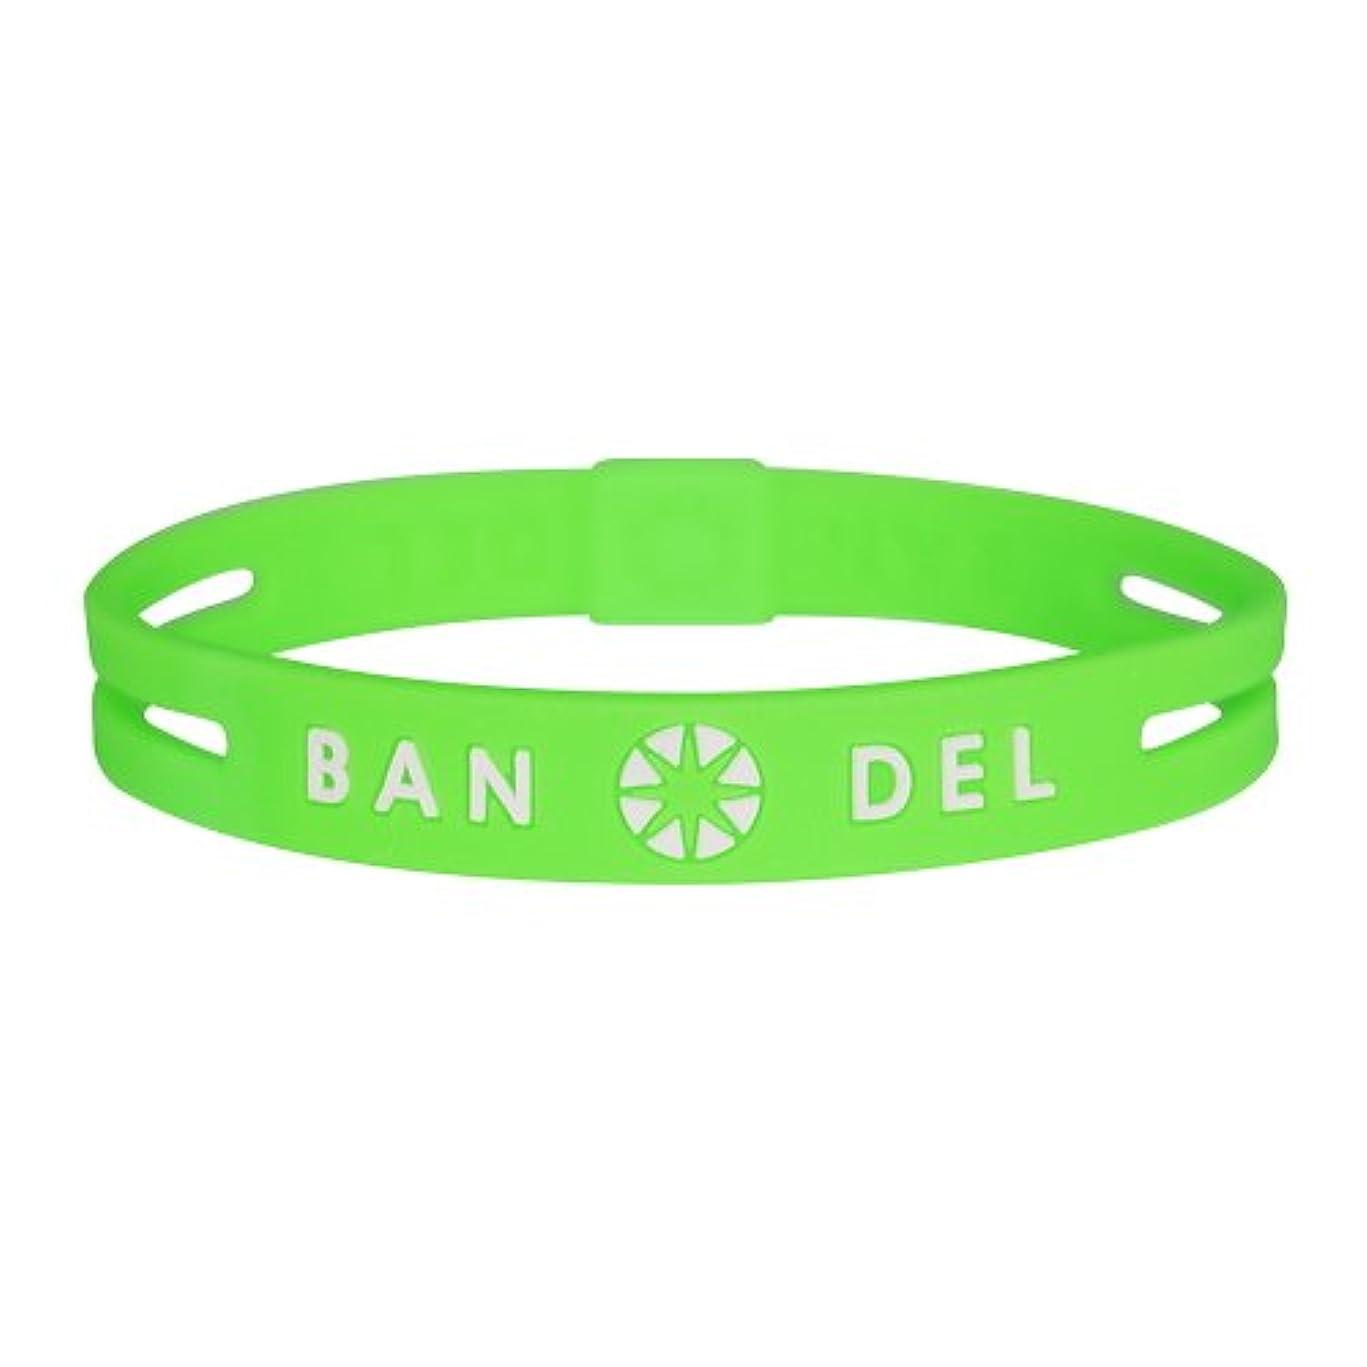 呪われた永遠の理想的バンデル(BANDEL) ストリング ブレスレット グリーン×ホワイト(Green x White)